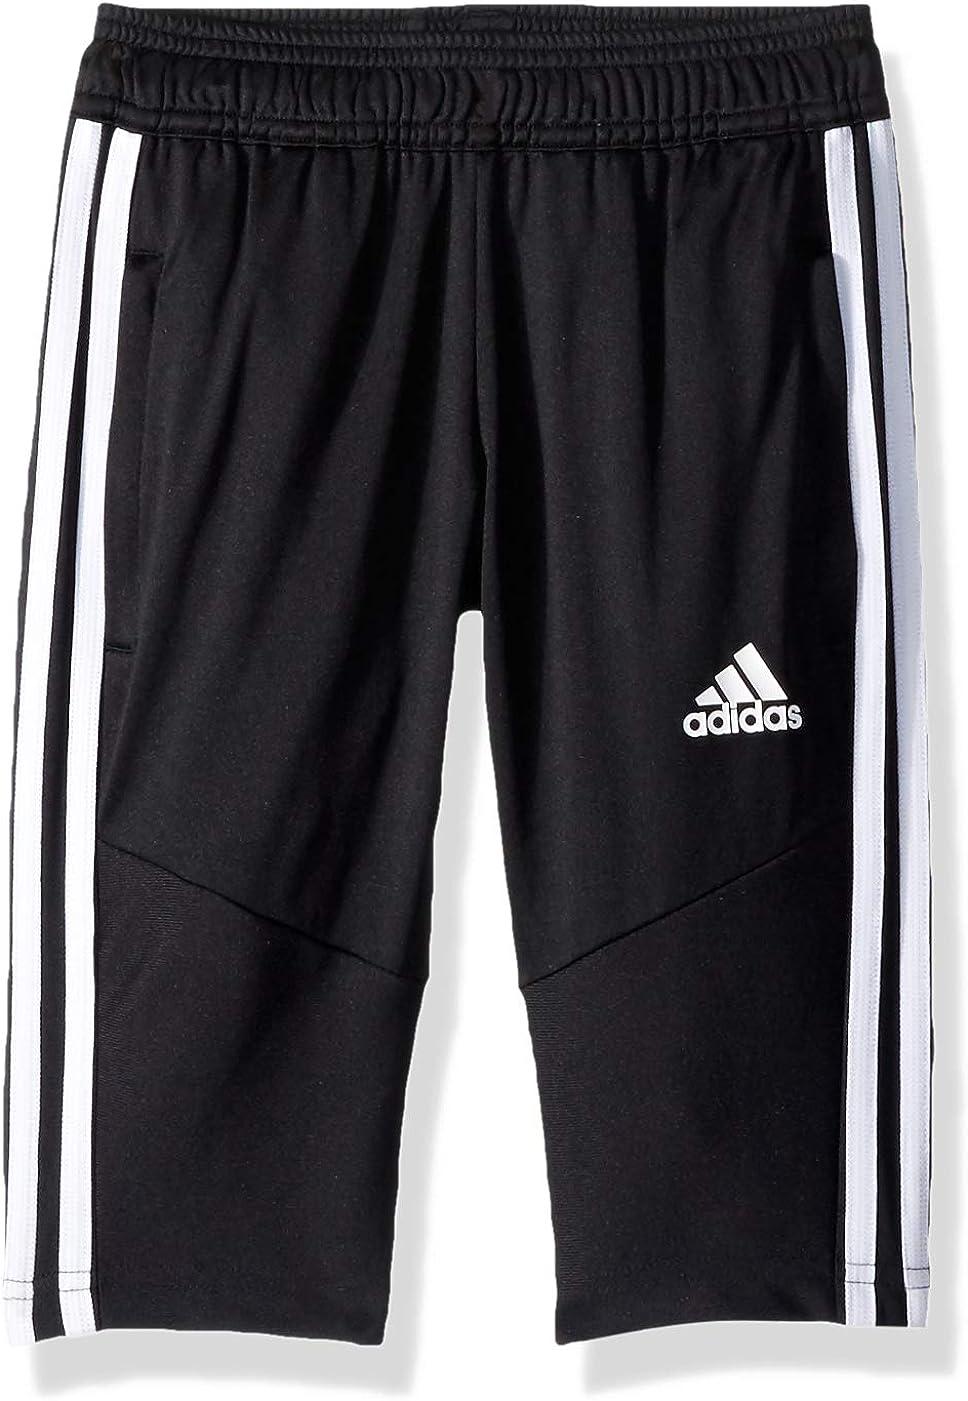 adidas Youth Tiro19 Youth 3/4 Length Training Pants : Clothing